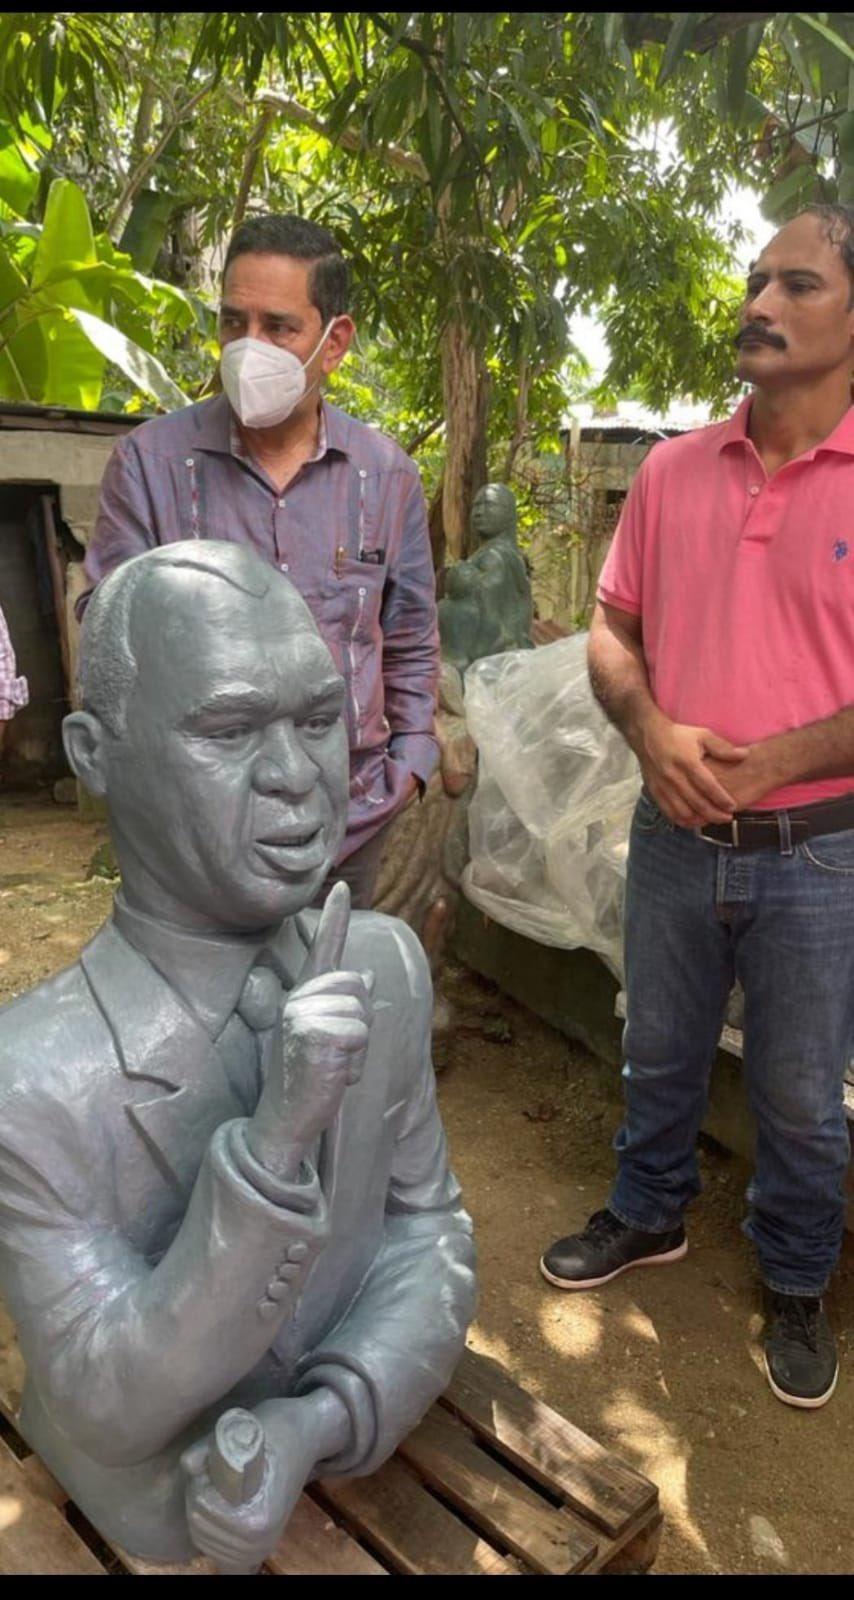 Revuelo en Twitter por busto de Peña Gómez que se parece a Euri Cabral